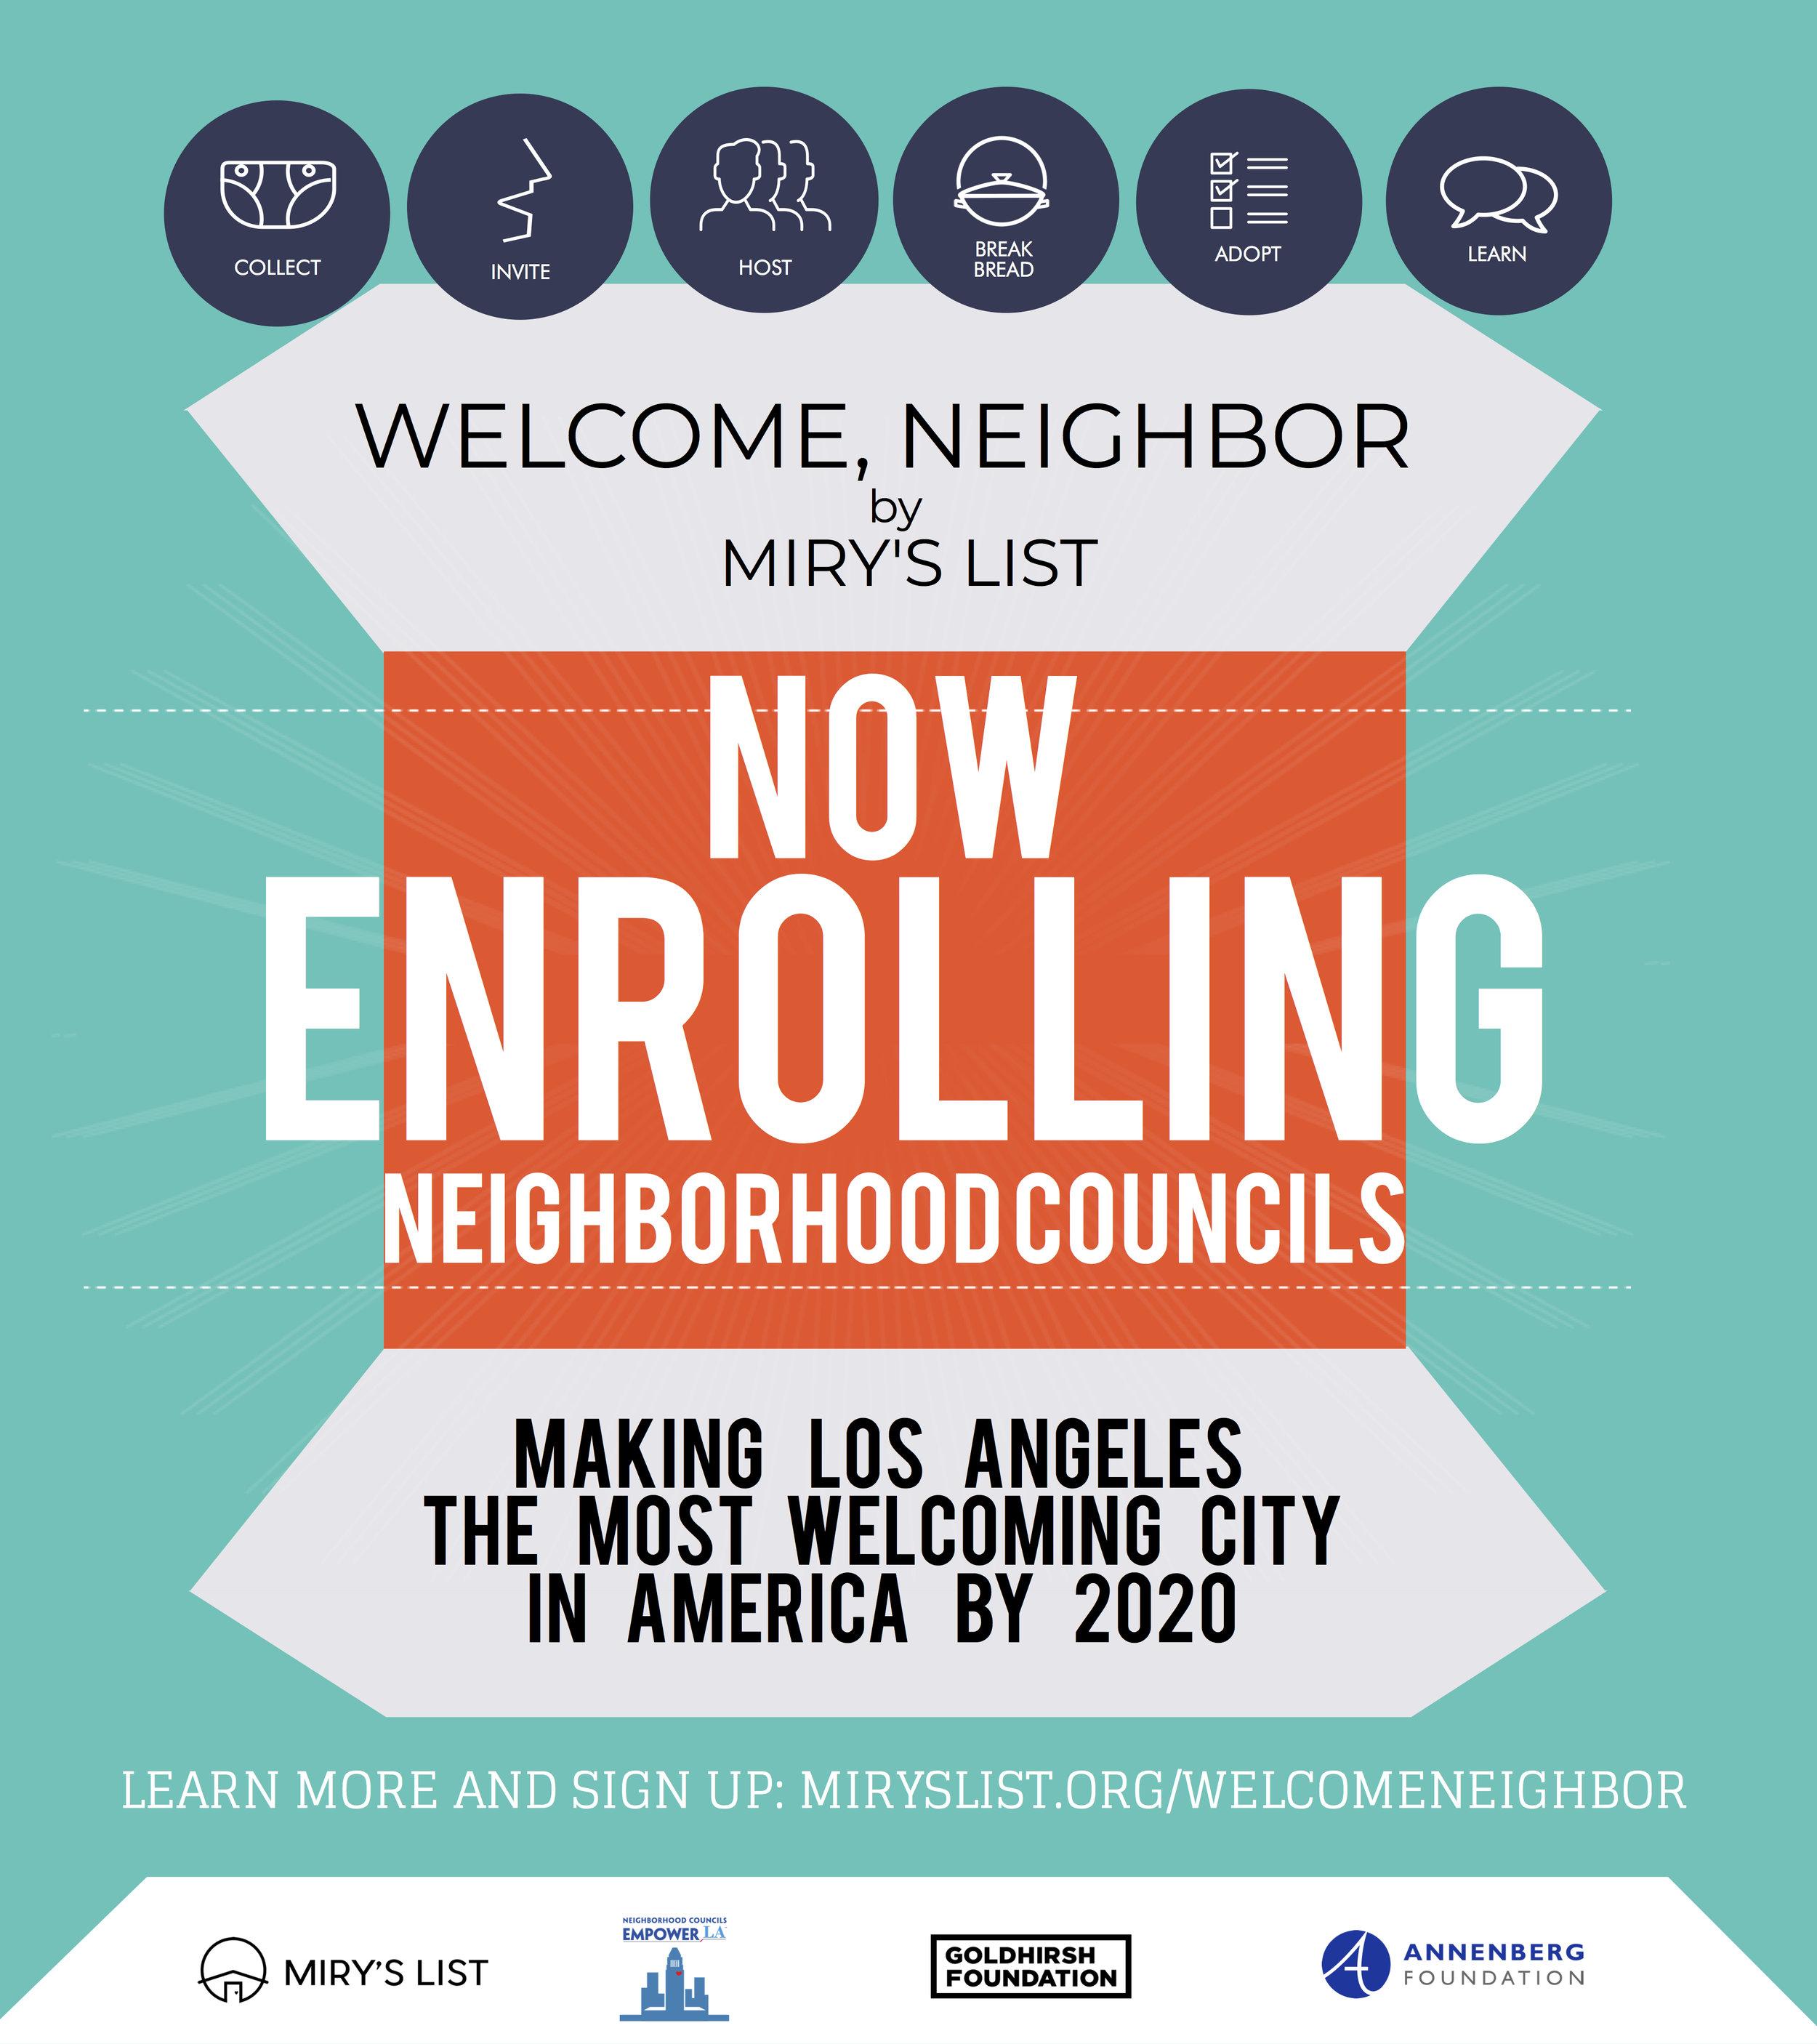 welcome-neighbor now enrolling.jpg